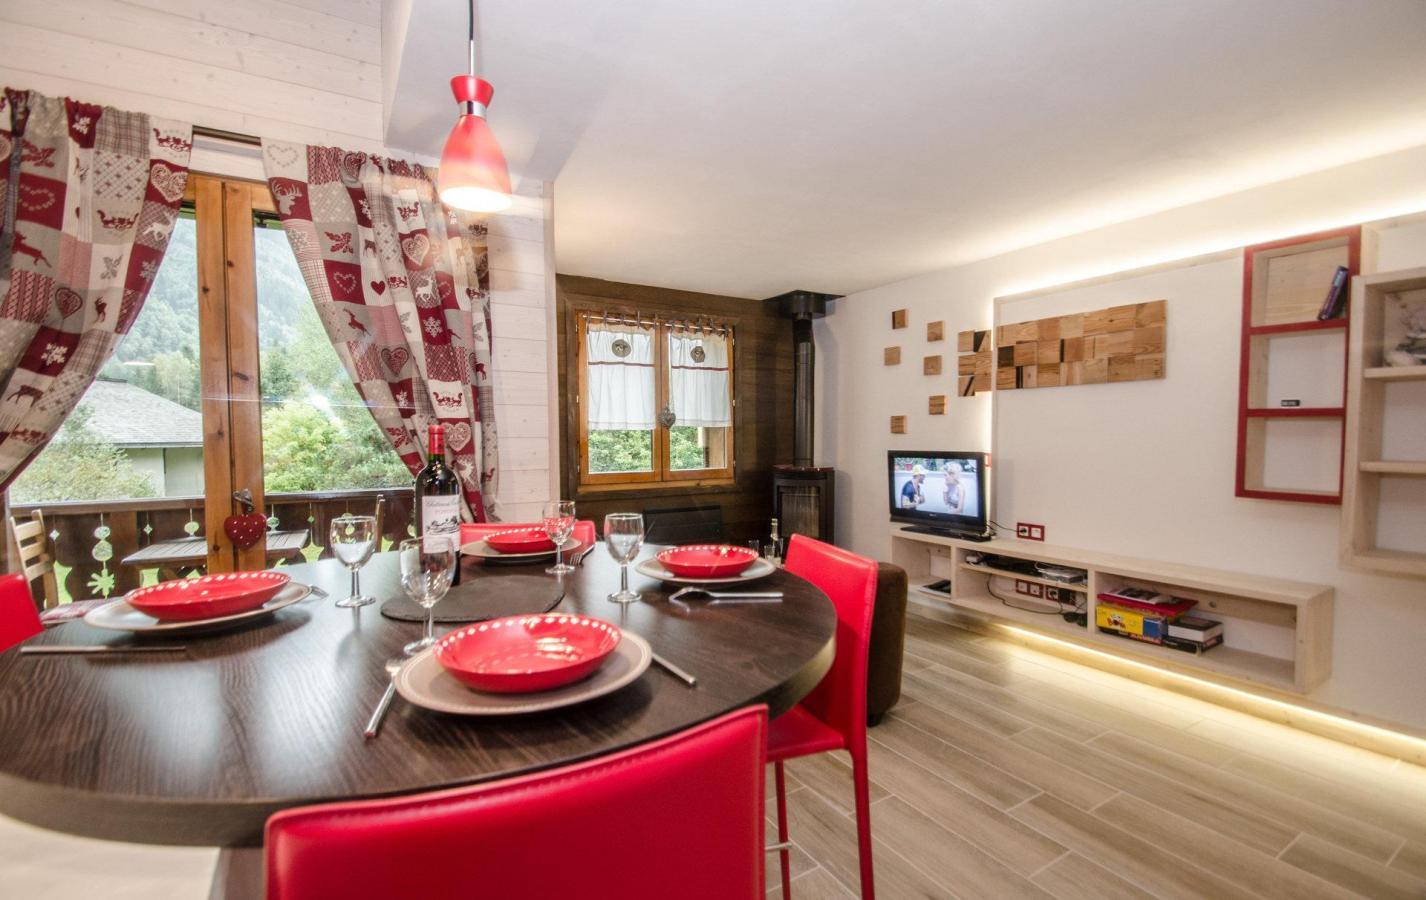 Location au ski Appartement 3 pièces 6 personnes (GOLF ) - Chalet Le Col Du Dome - Chamonix - Séjour